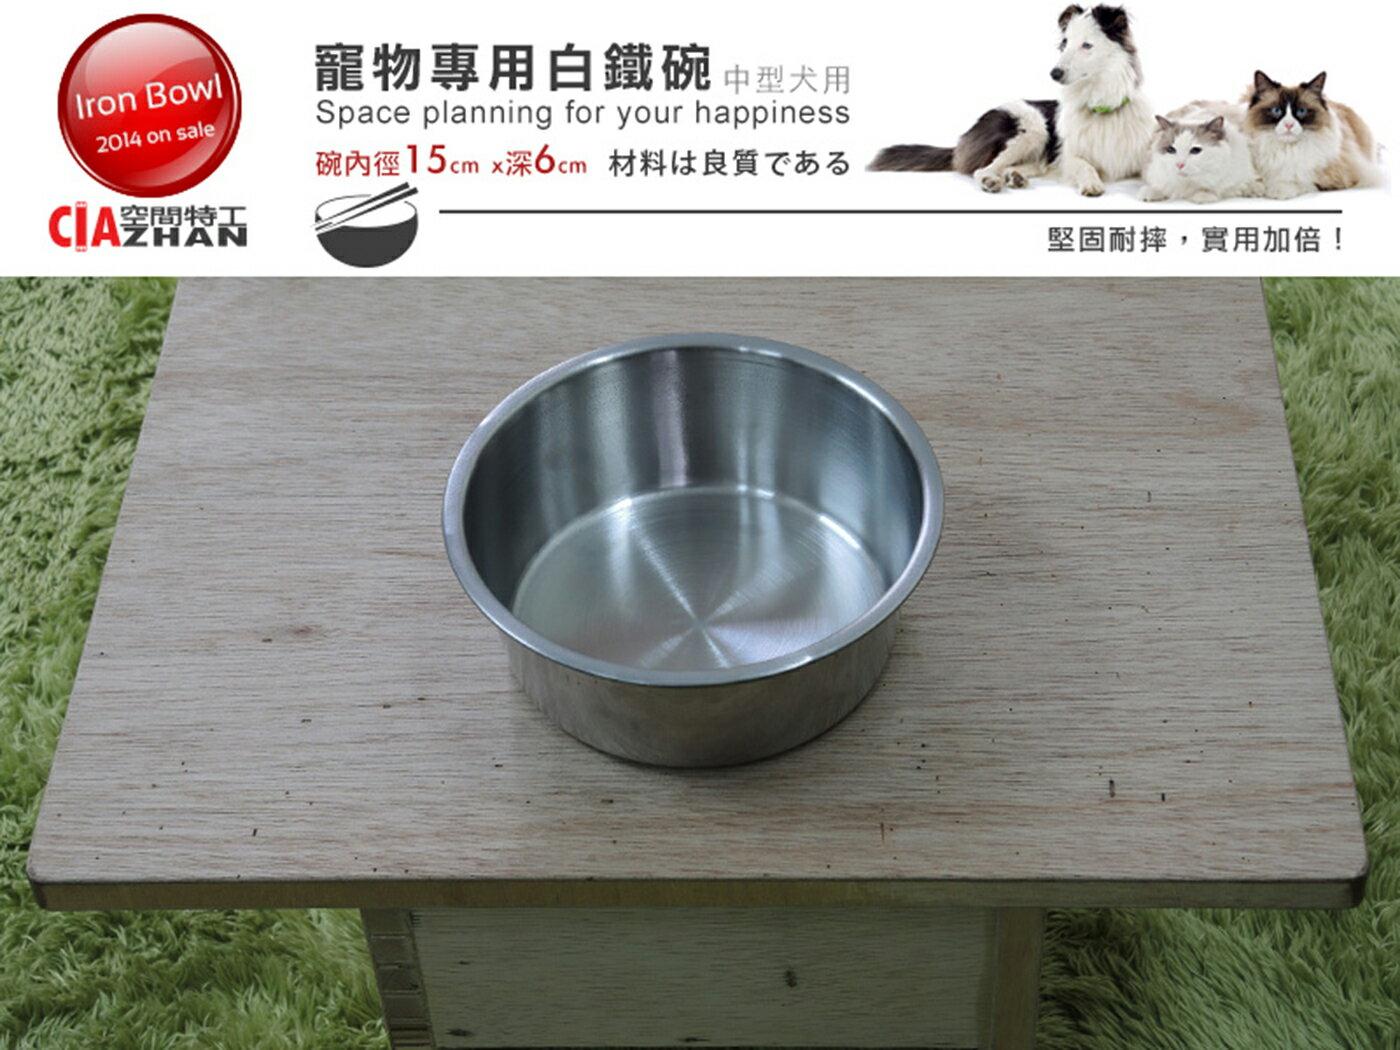 飼料碗 圓碗 貓碗 餵食器 進食碗 食盆 2號不鏽鋼碗盆 不銹鋼單口碗 耐用好清洗 全新 中型犬白鐵狗碗 ♞空間特工♞